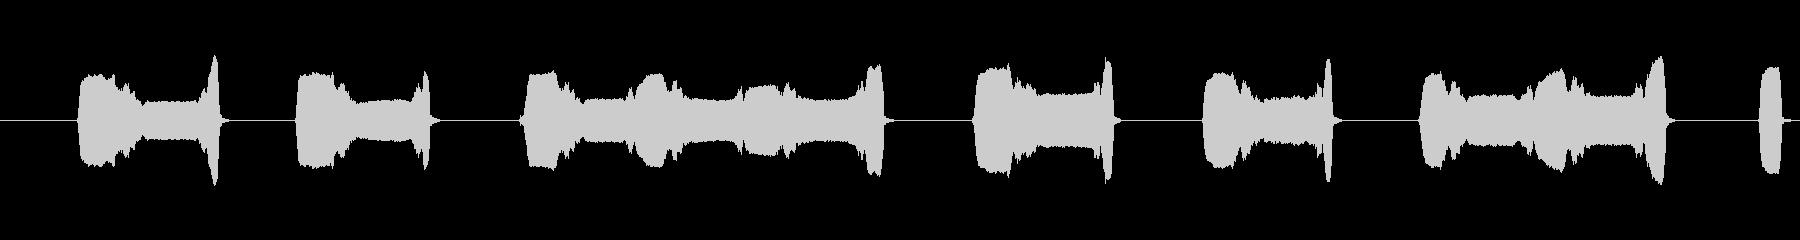 沖縄音楽オカリナトロンボーン合いの手の未再生の波形